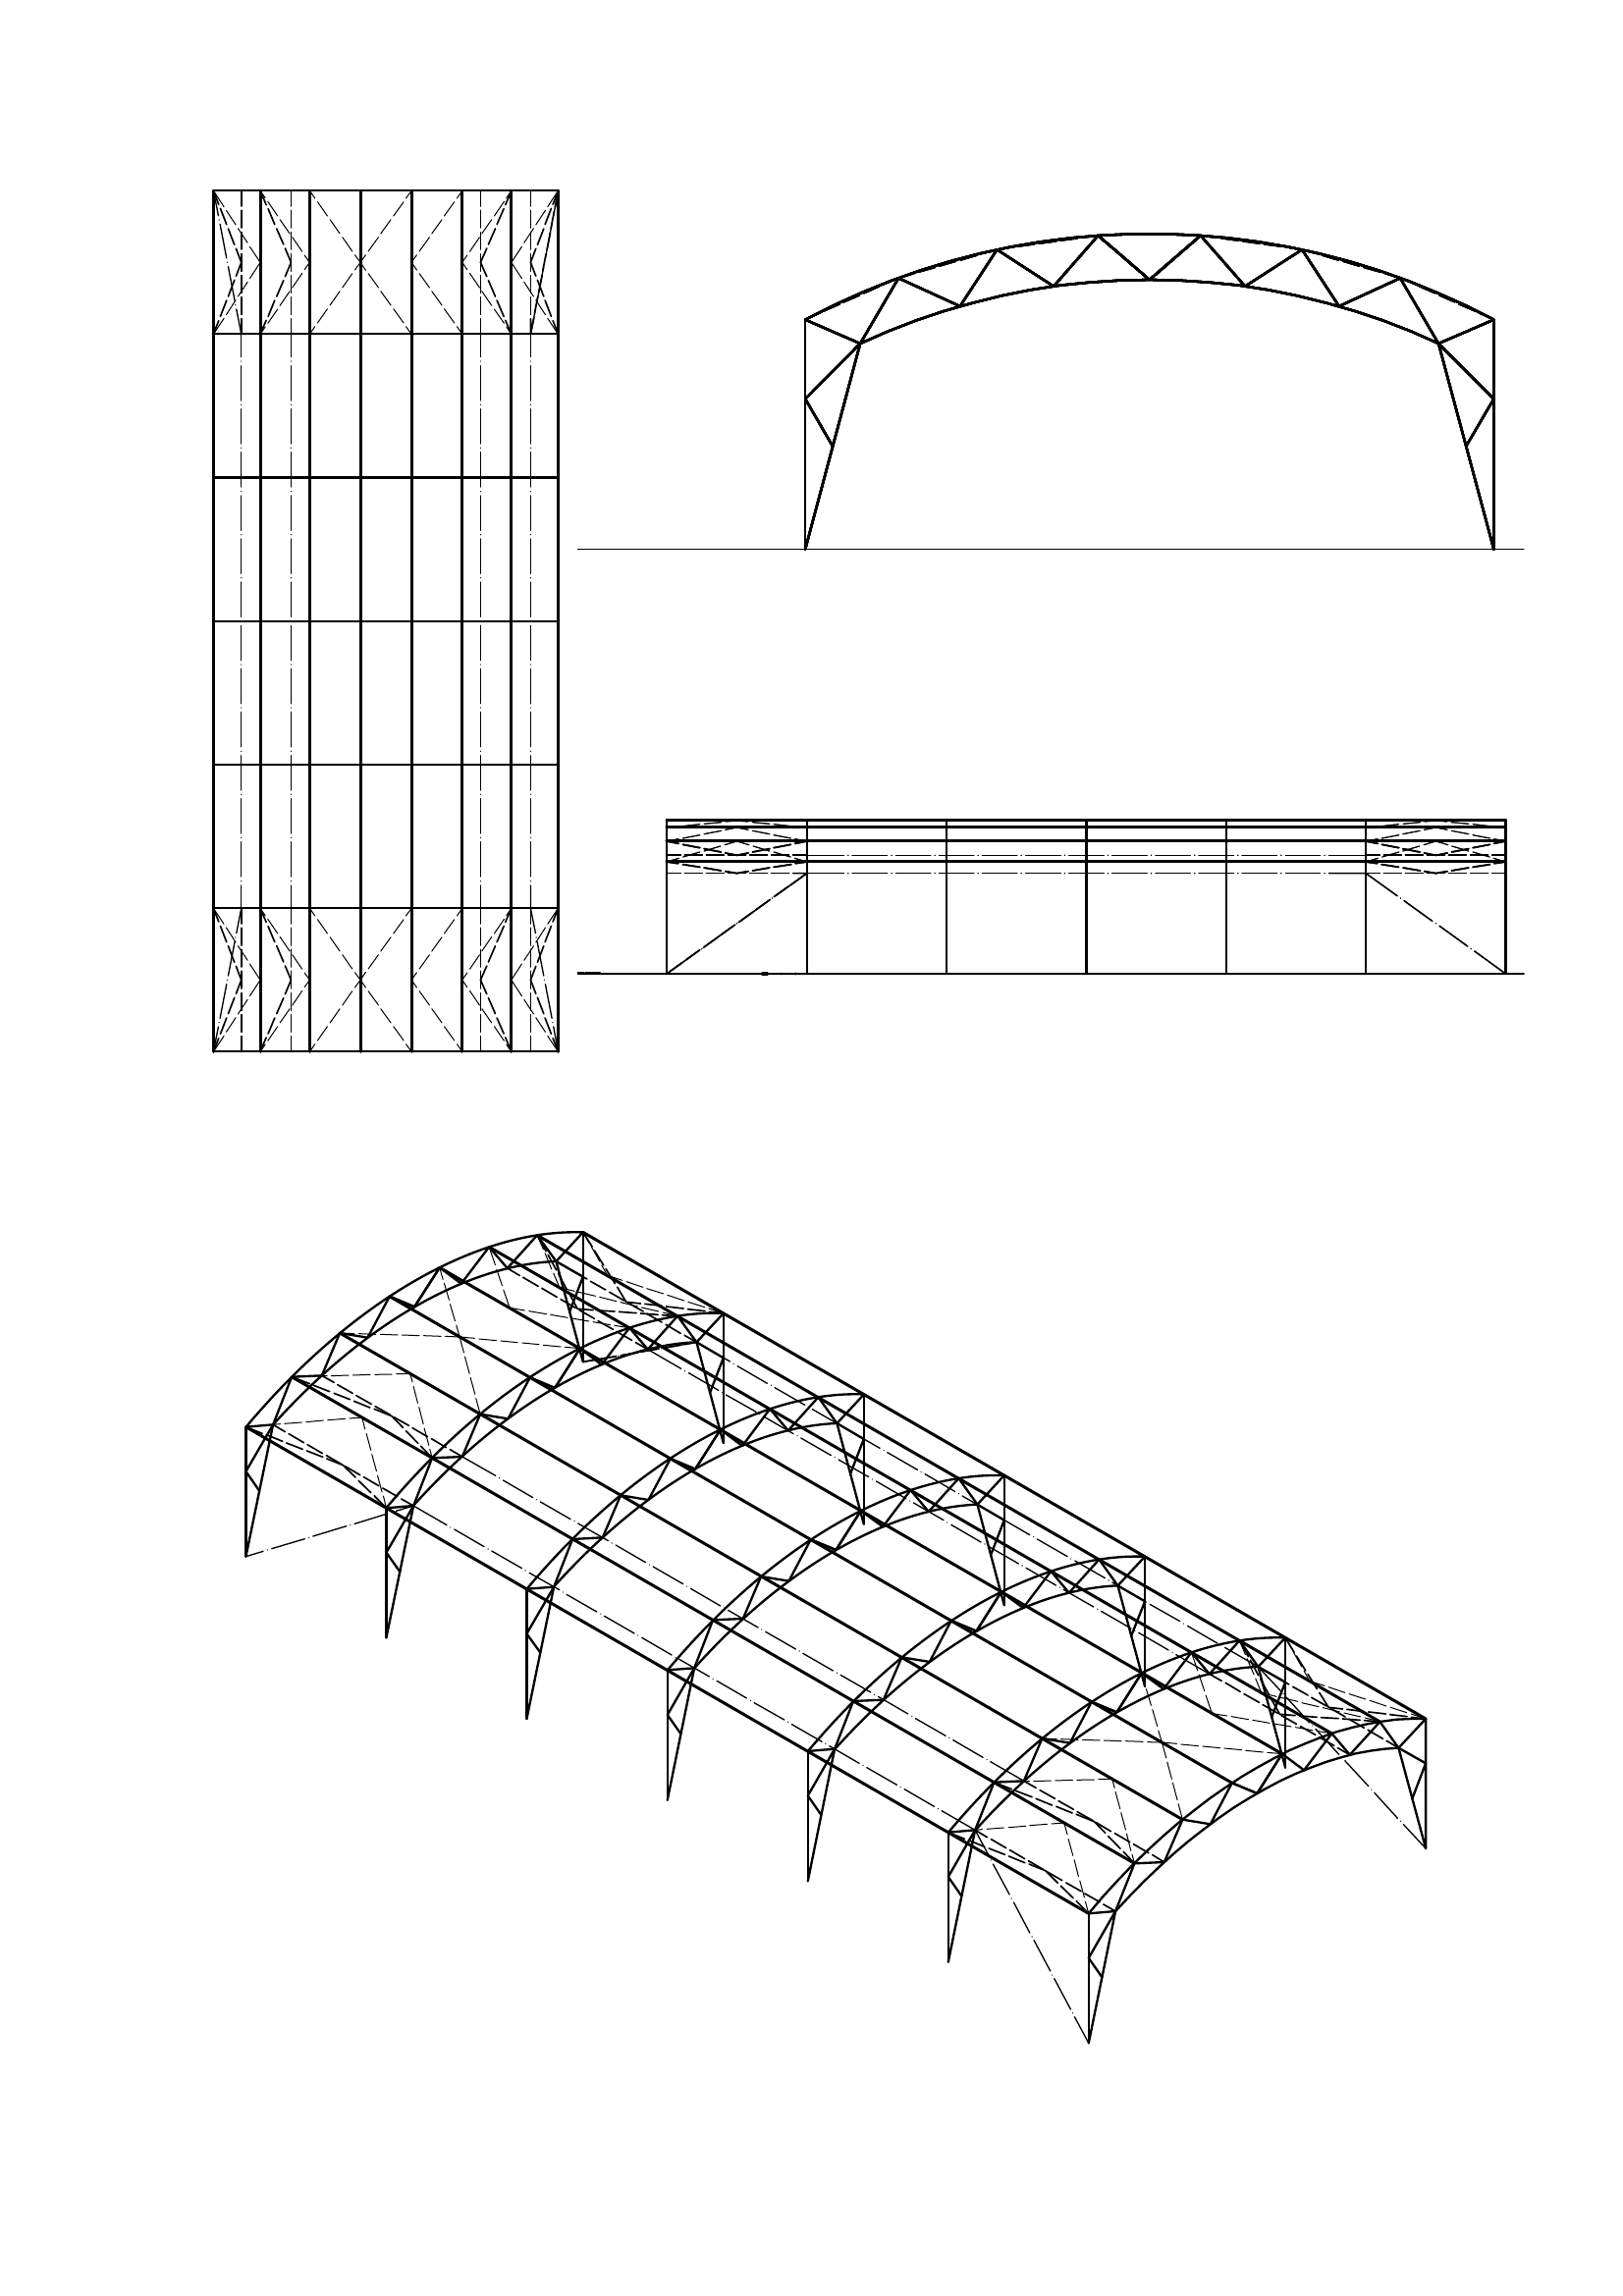 Проектирование стального каркаса вариант 2